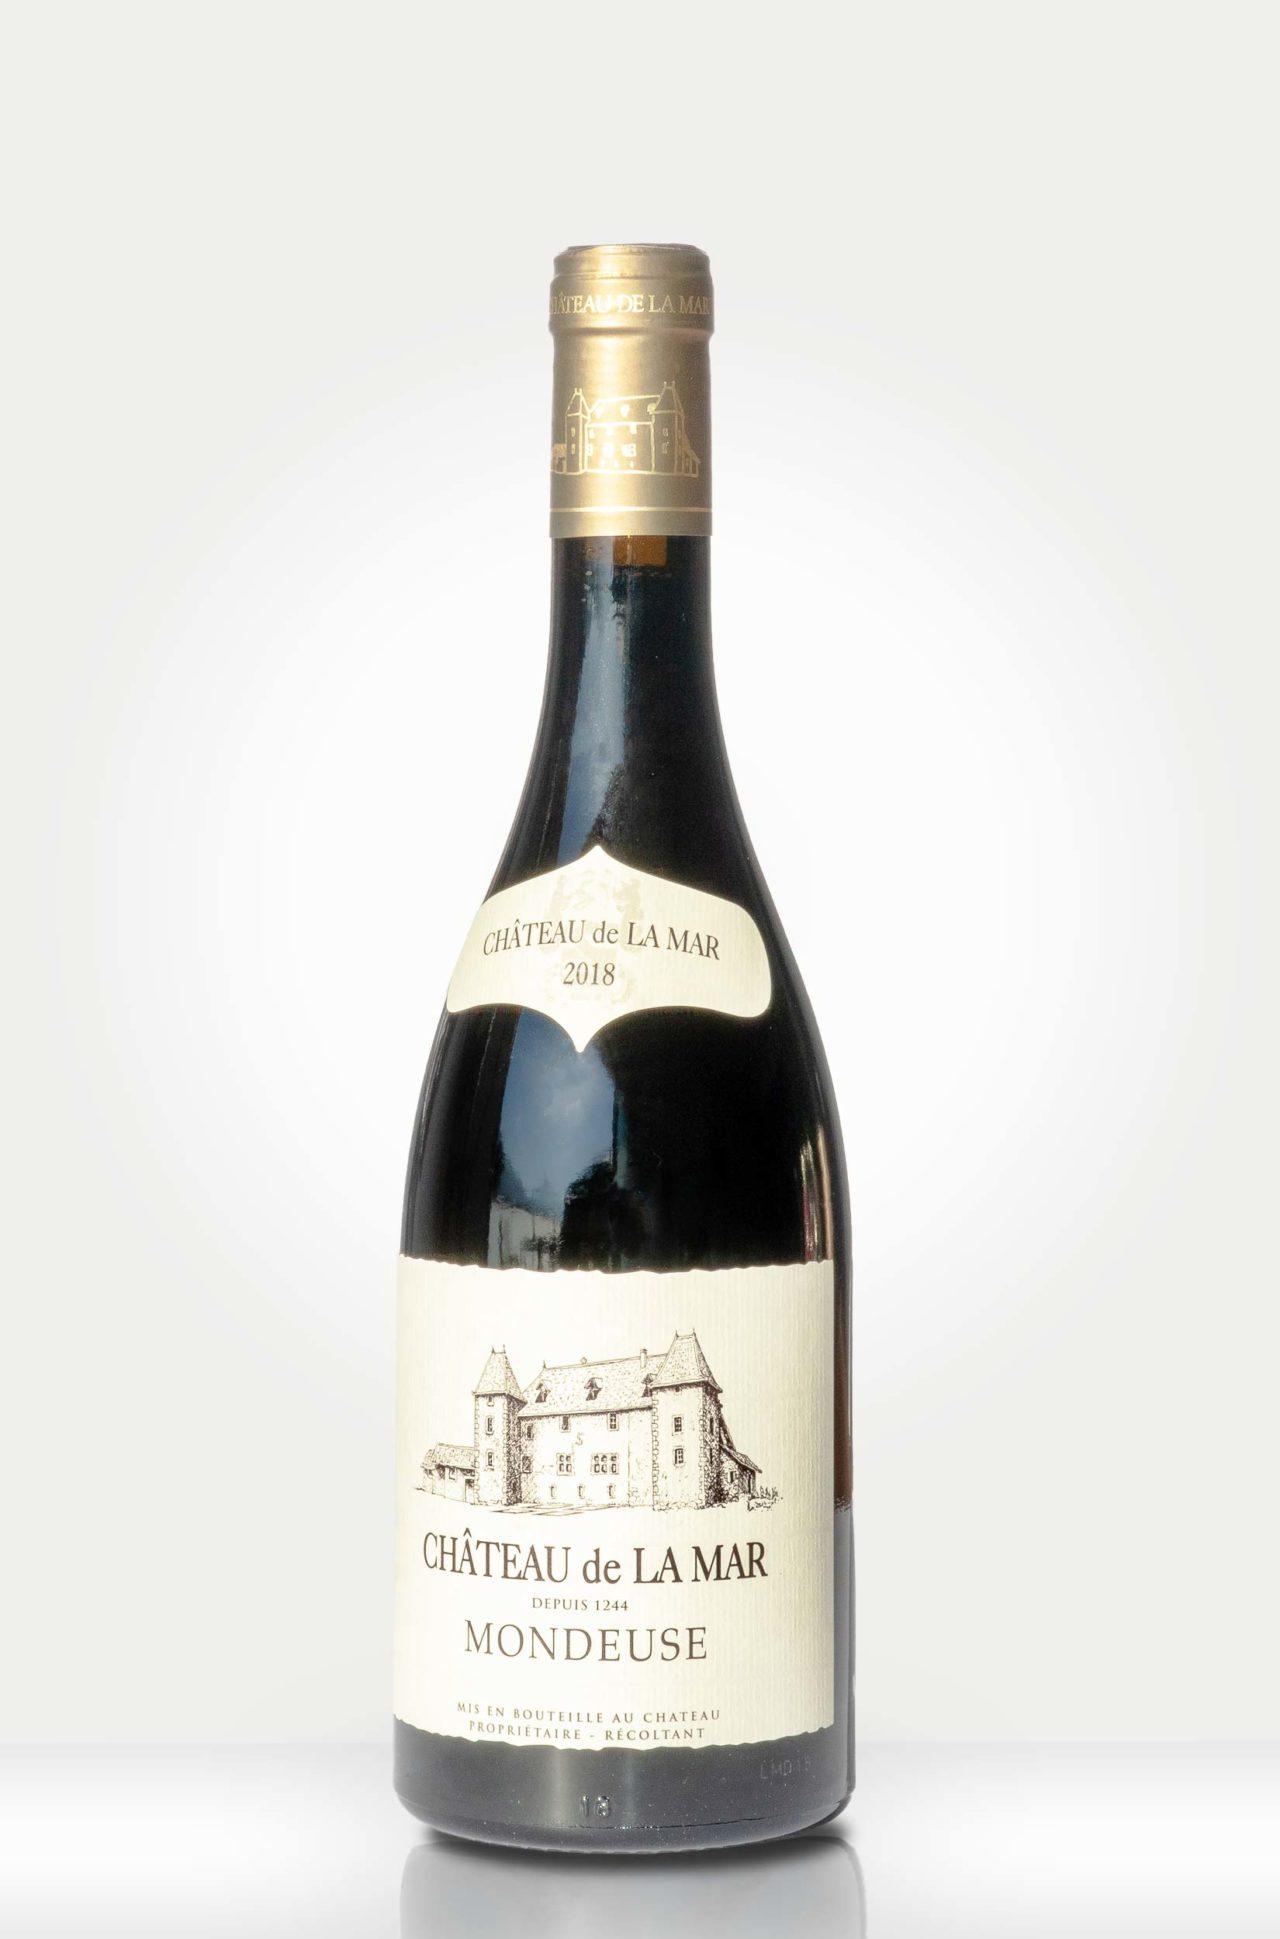 Bouteille Mondeuse Savoie - Vin rouge de Savoie